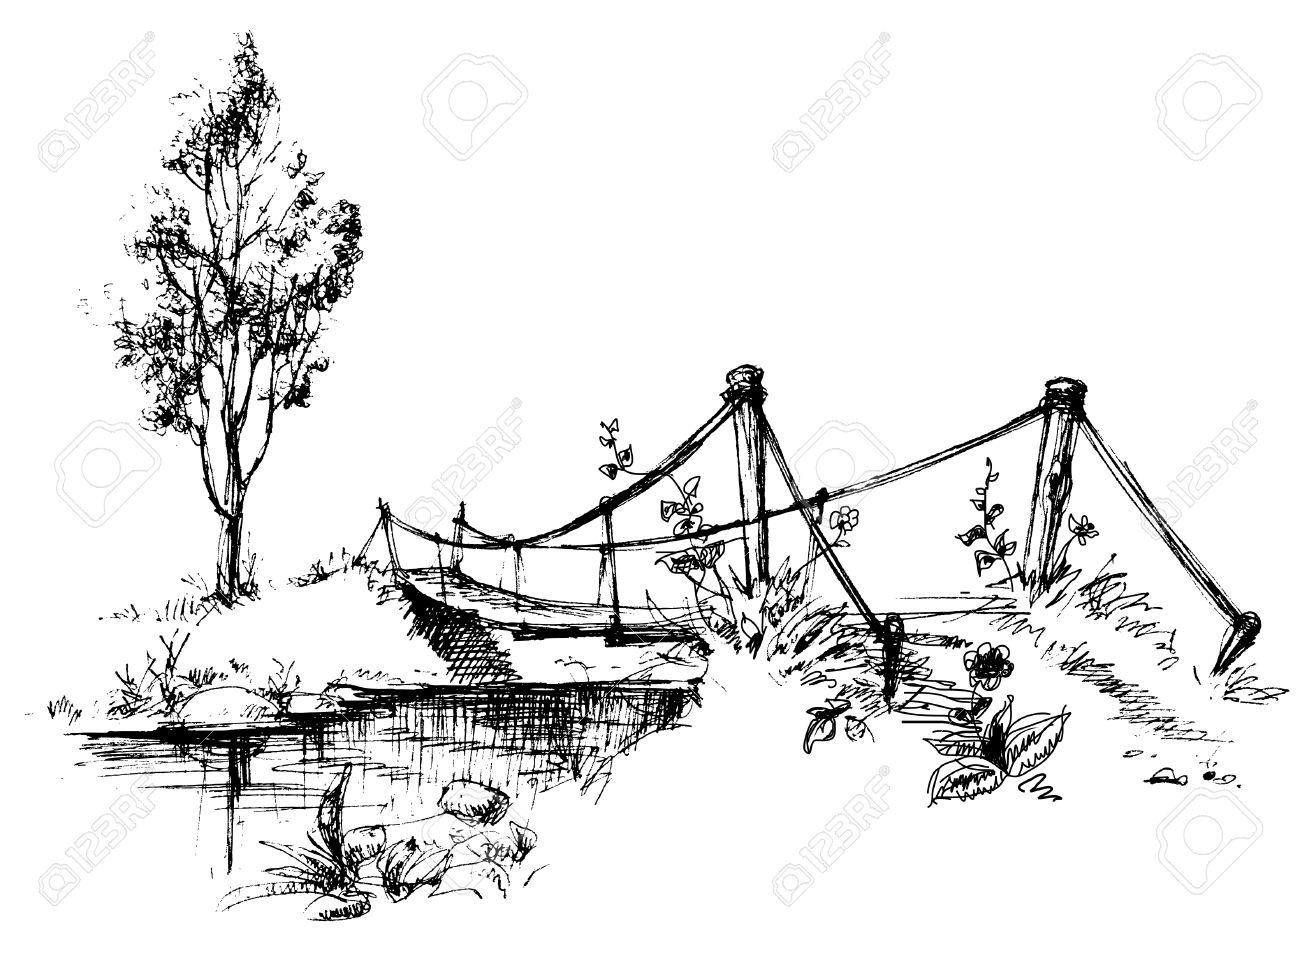 Landscape with suspended bridge over river sketch - 7700350